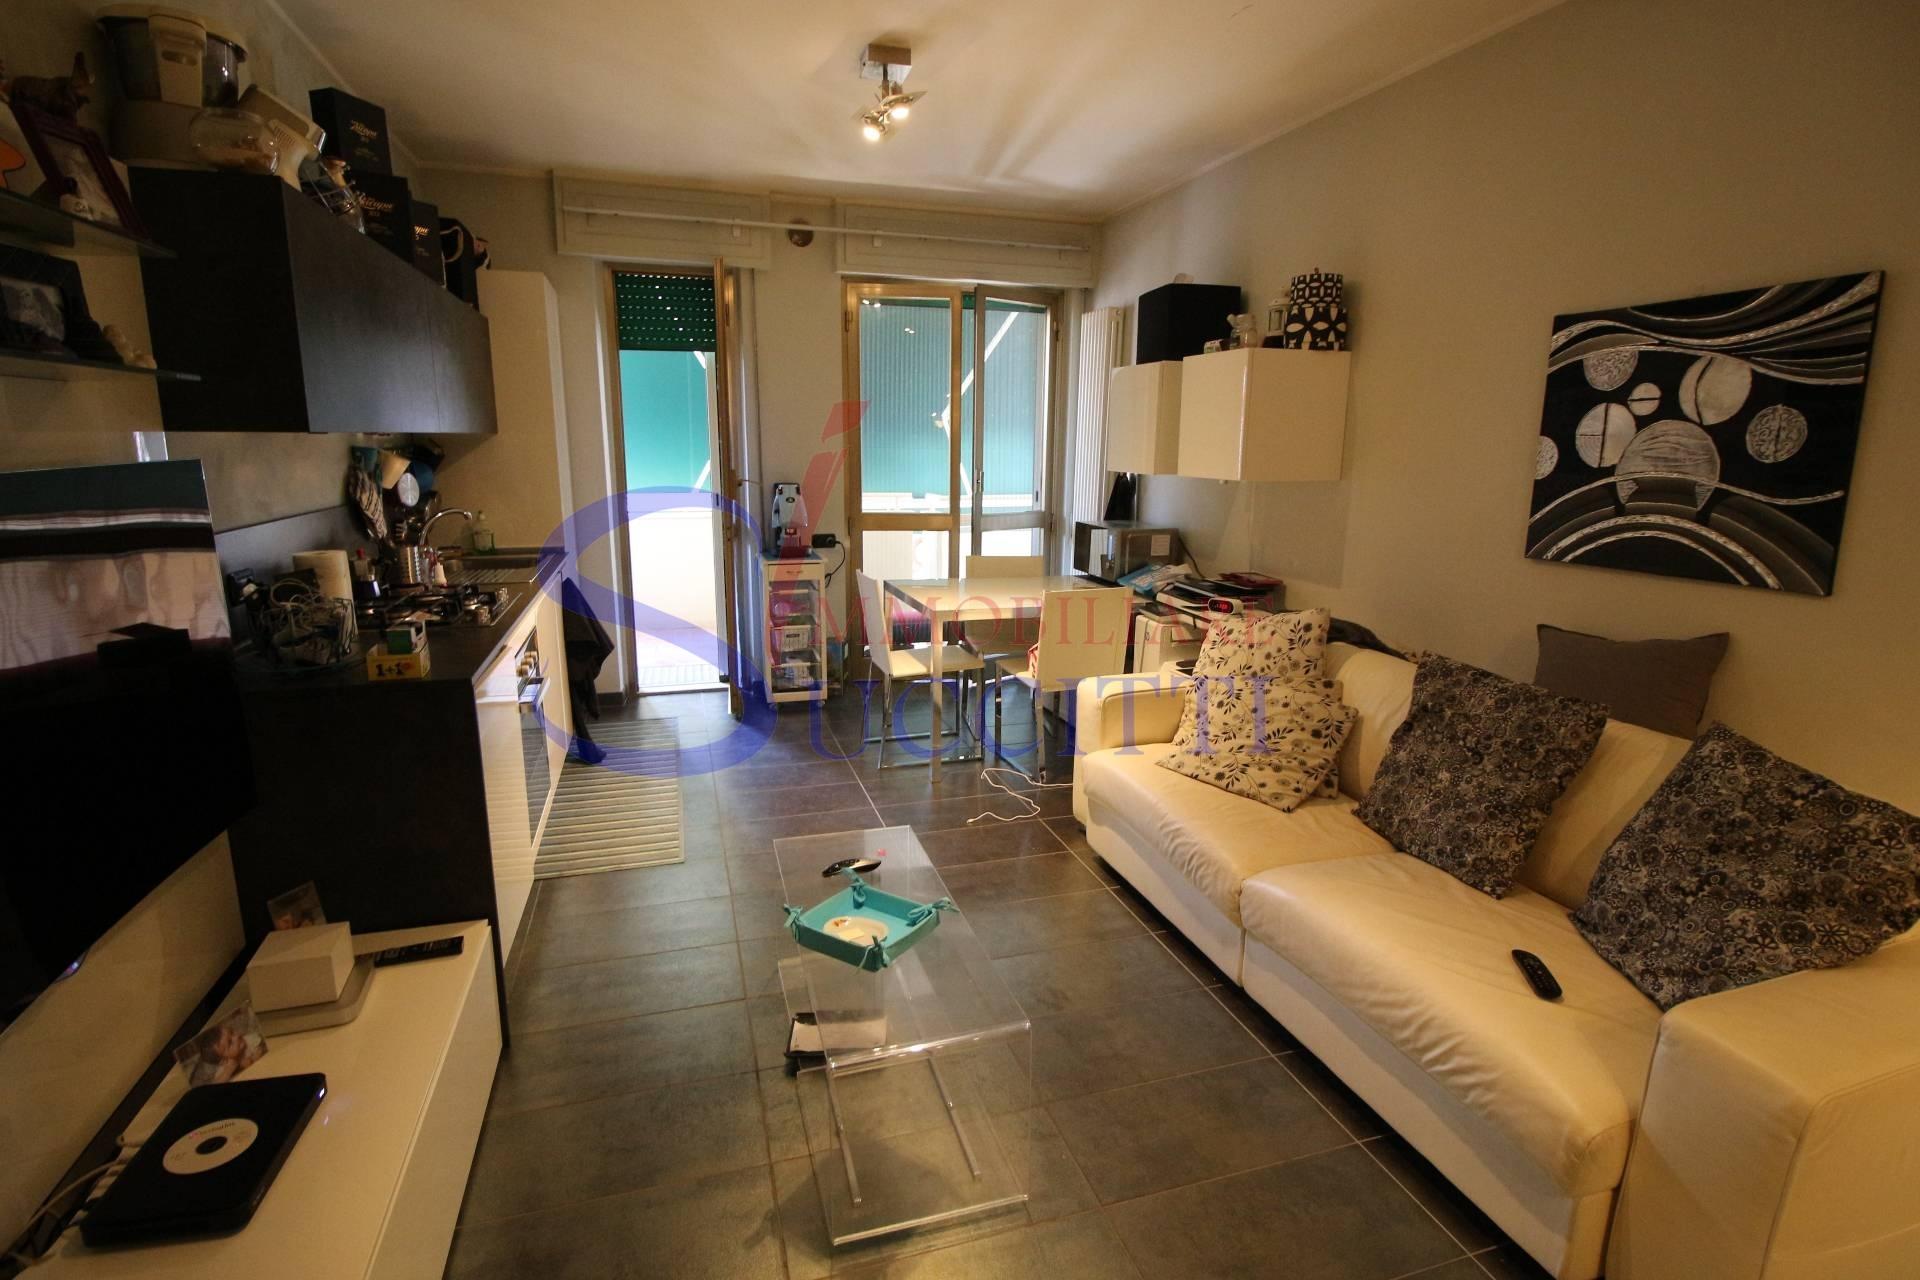 Appartamento in vendita a Alba Adriatica, 3 locali, prezzo € 160.000 | CambioCasa.it